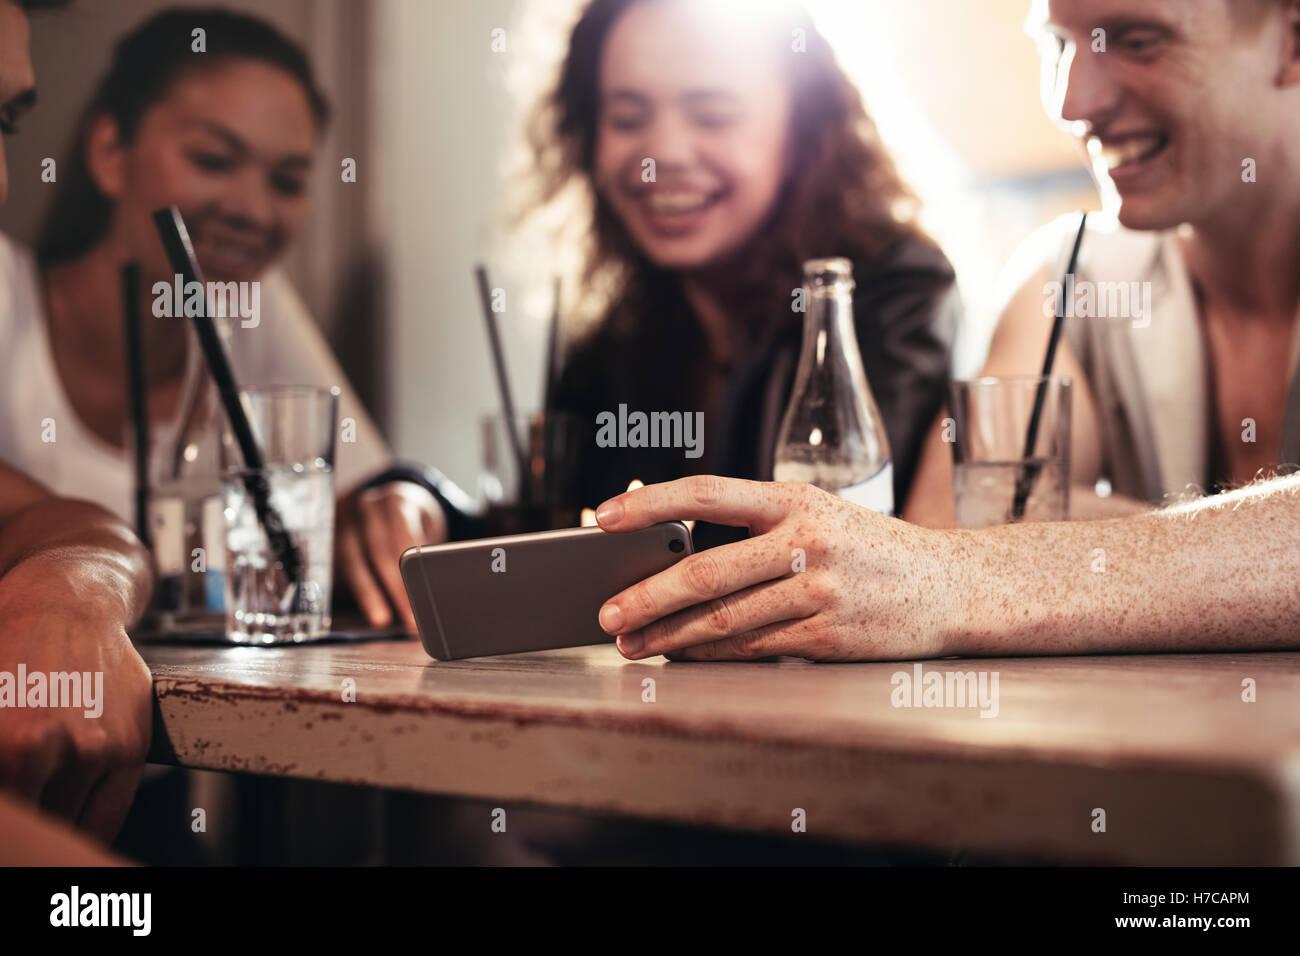 Un grupo de amigos, sentado en un bar y ver un divertido vídeo en el teléfono móvil, se centran en Imagen De Stock